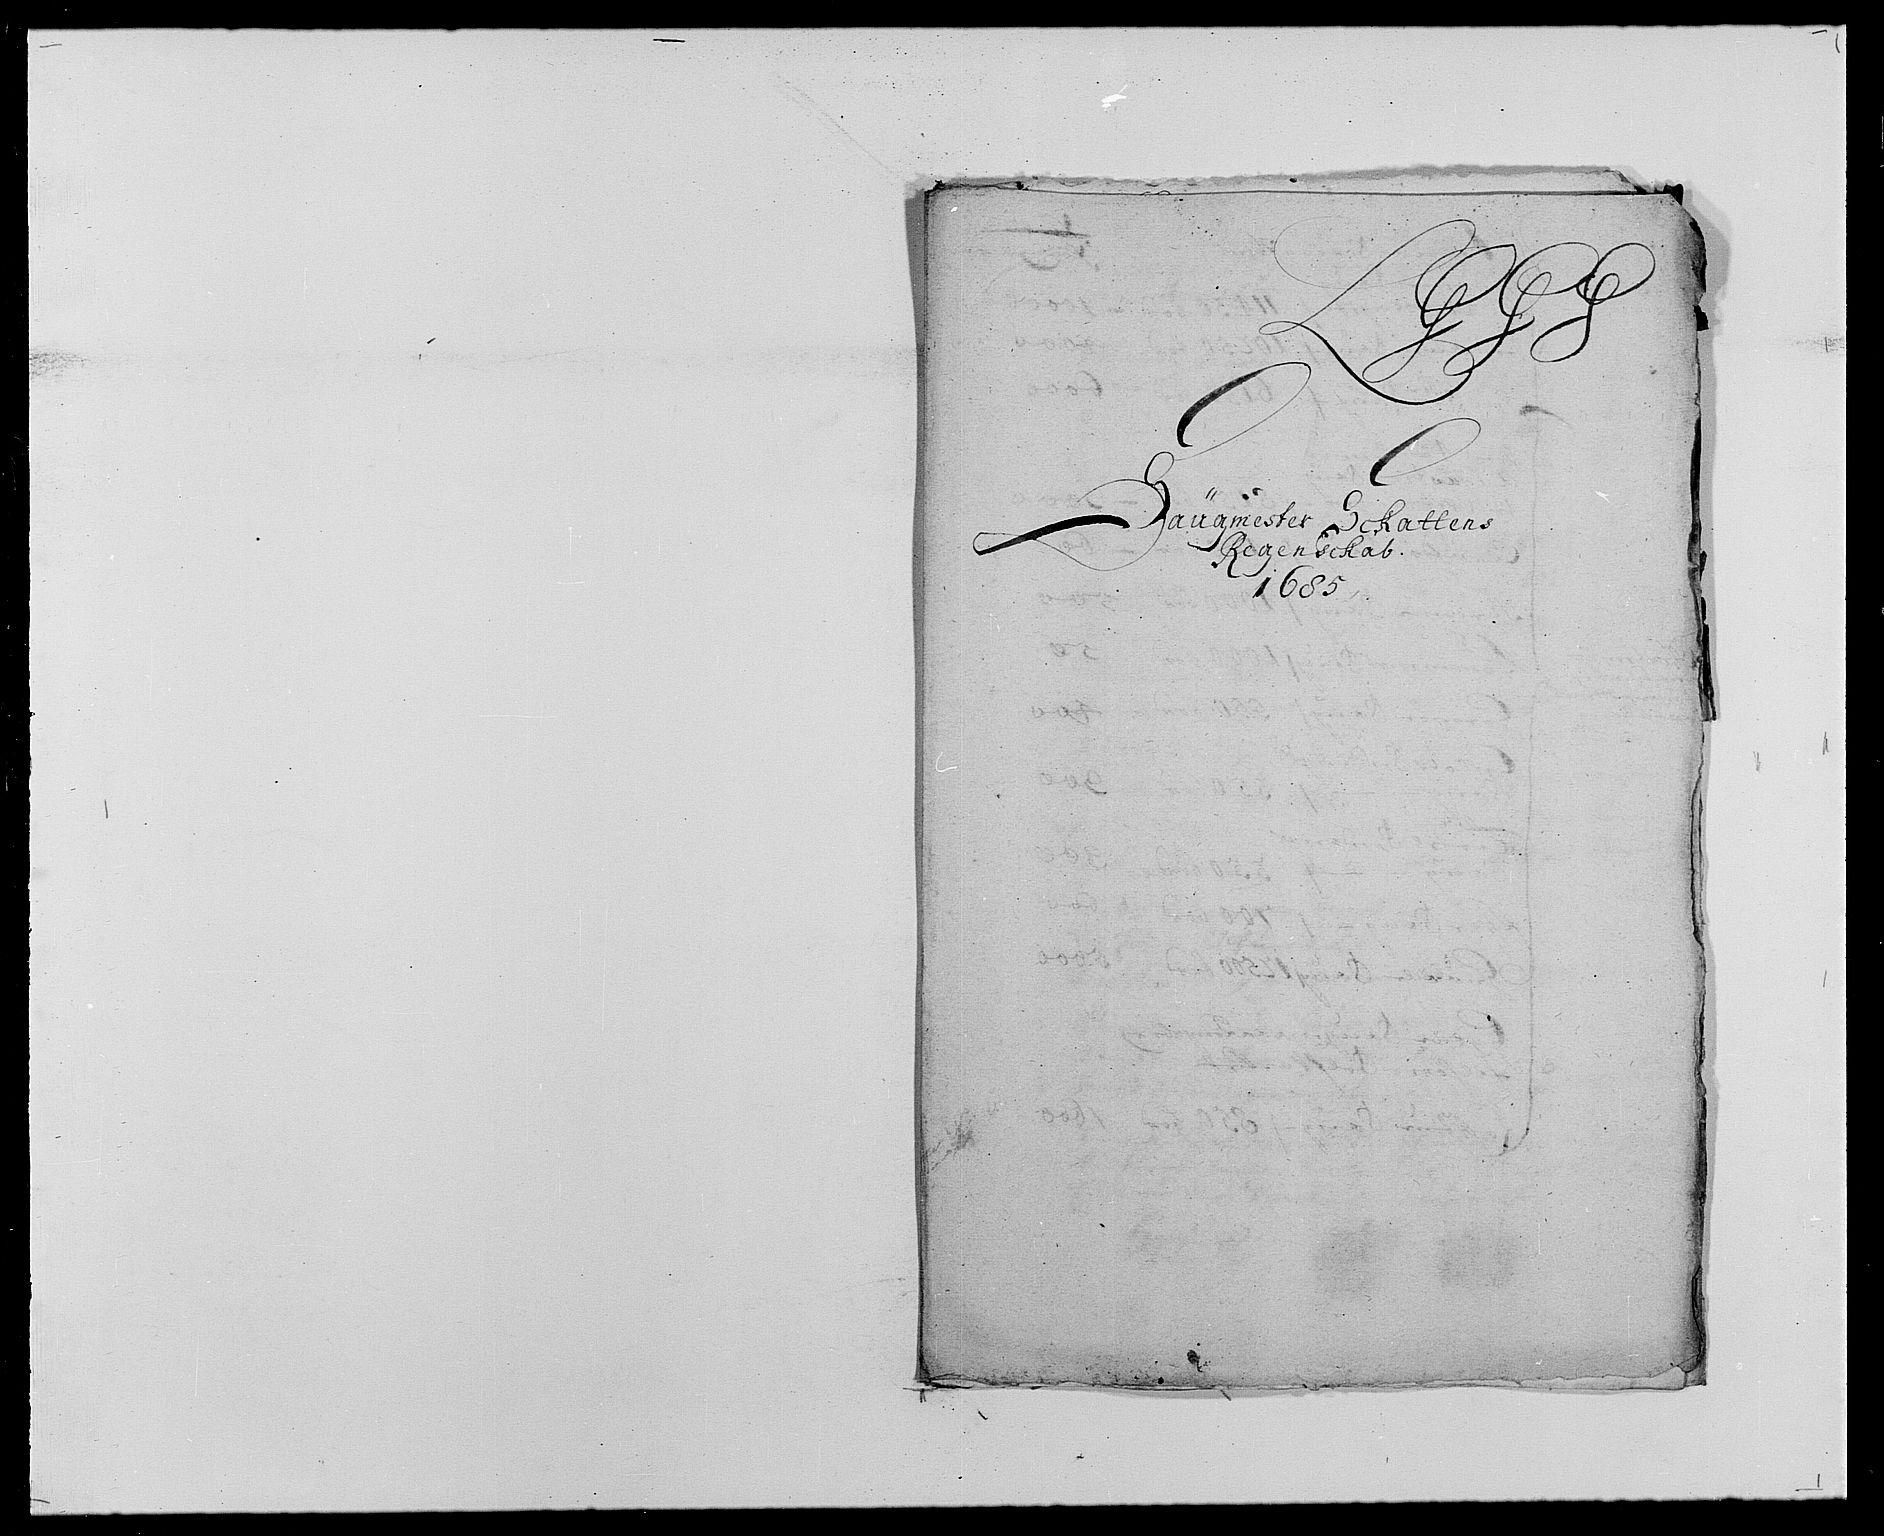 RA, Rentekammeret inntil 1814, Reviderte regnskaper, Fogderegnskap, R24/L1571: Fogderegnskap Numedal og Sandsvær, 1679-1686, s. 401